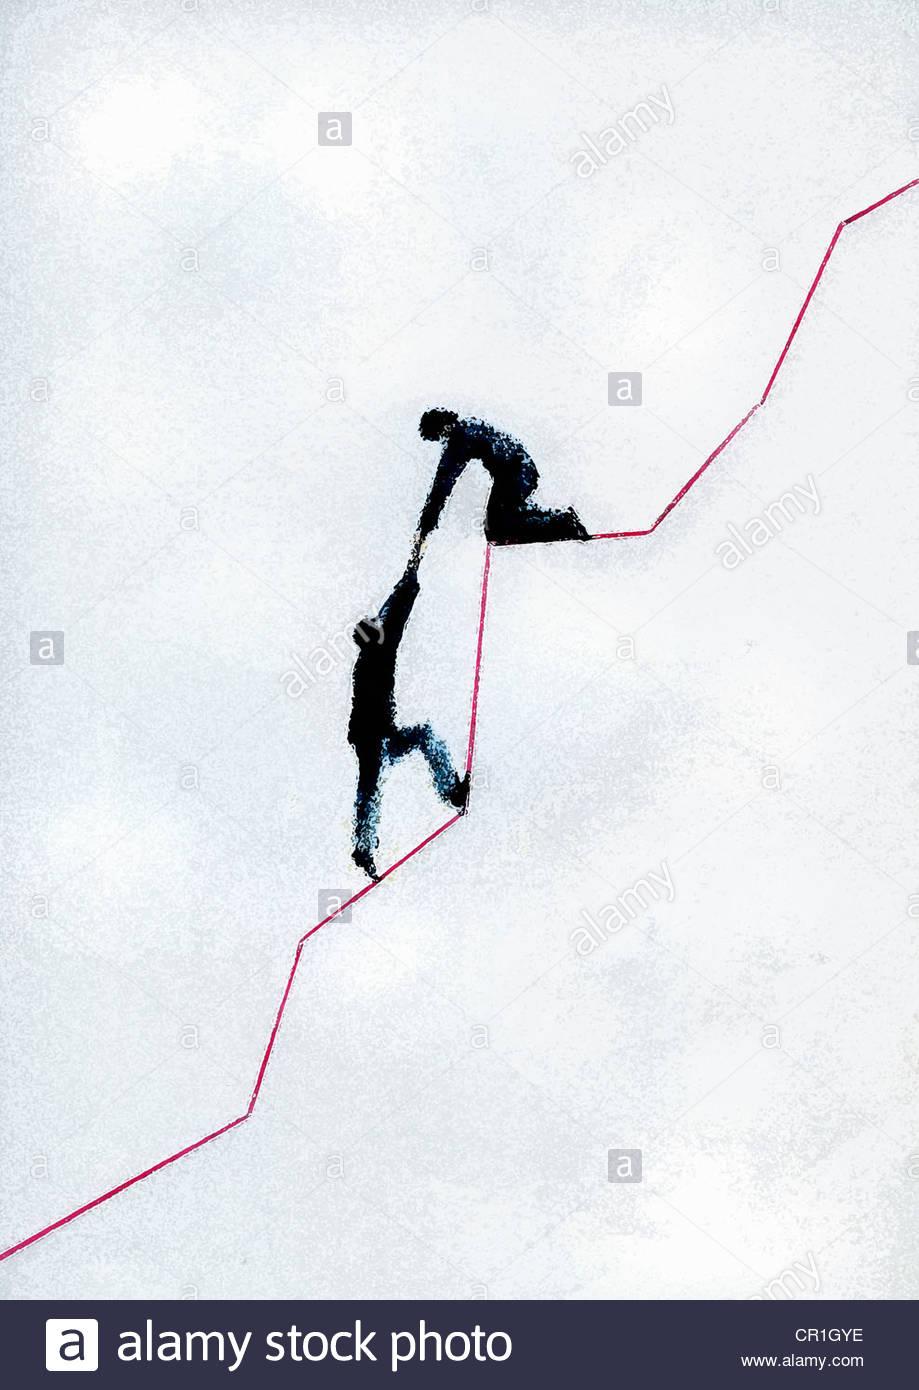 Kollegen helfen Geschäftsmann hinauf steigende rote Liniendiagramm Stockbild